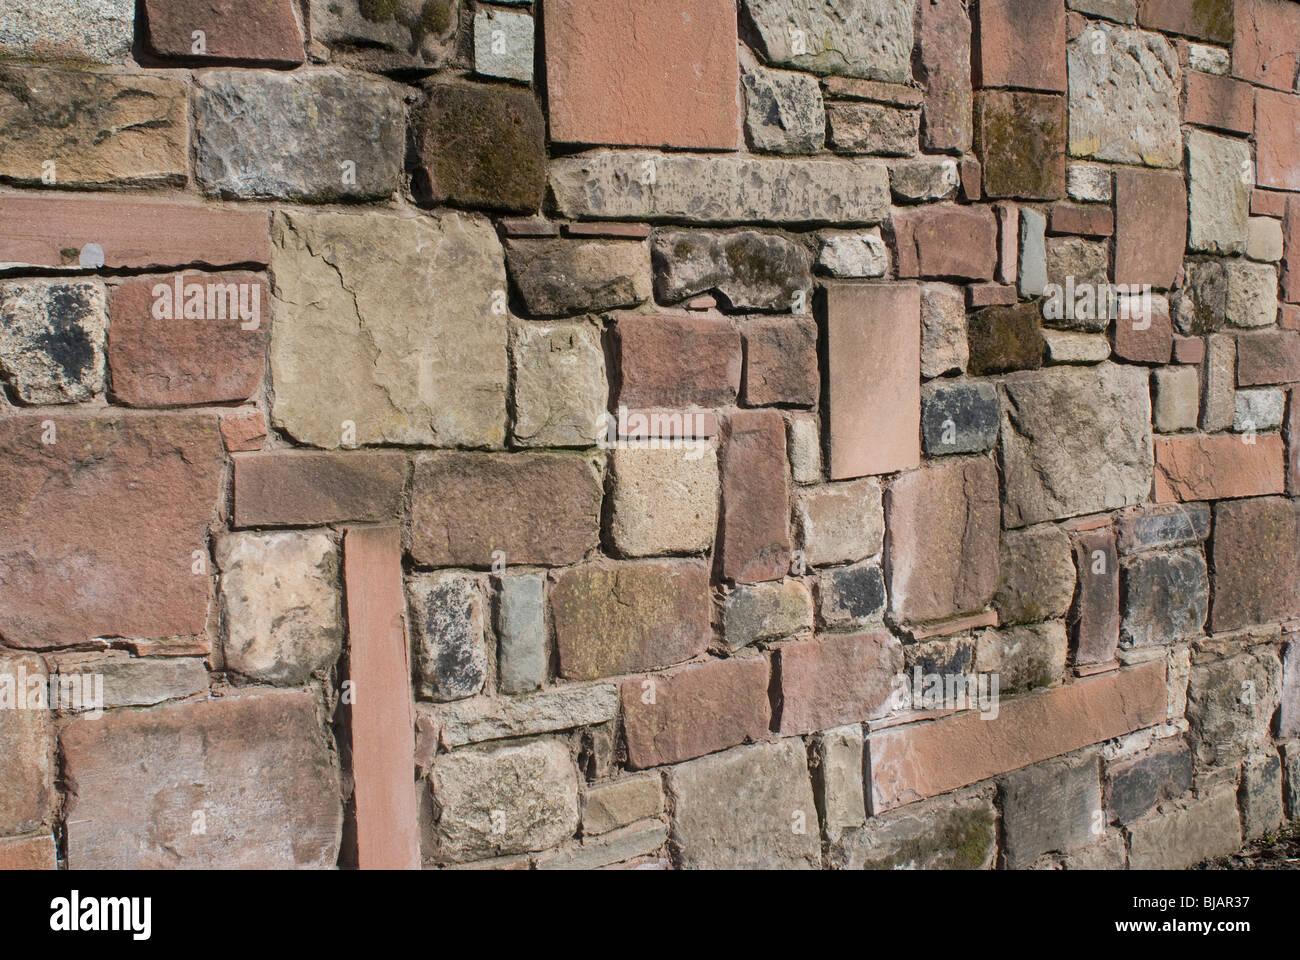 Un solide mur de pierre en grès calcaire et granit. Photo Stock